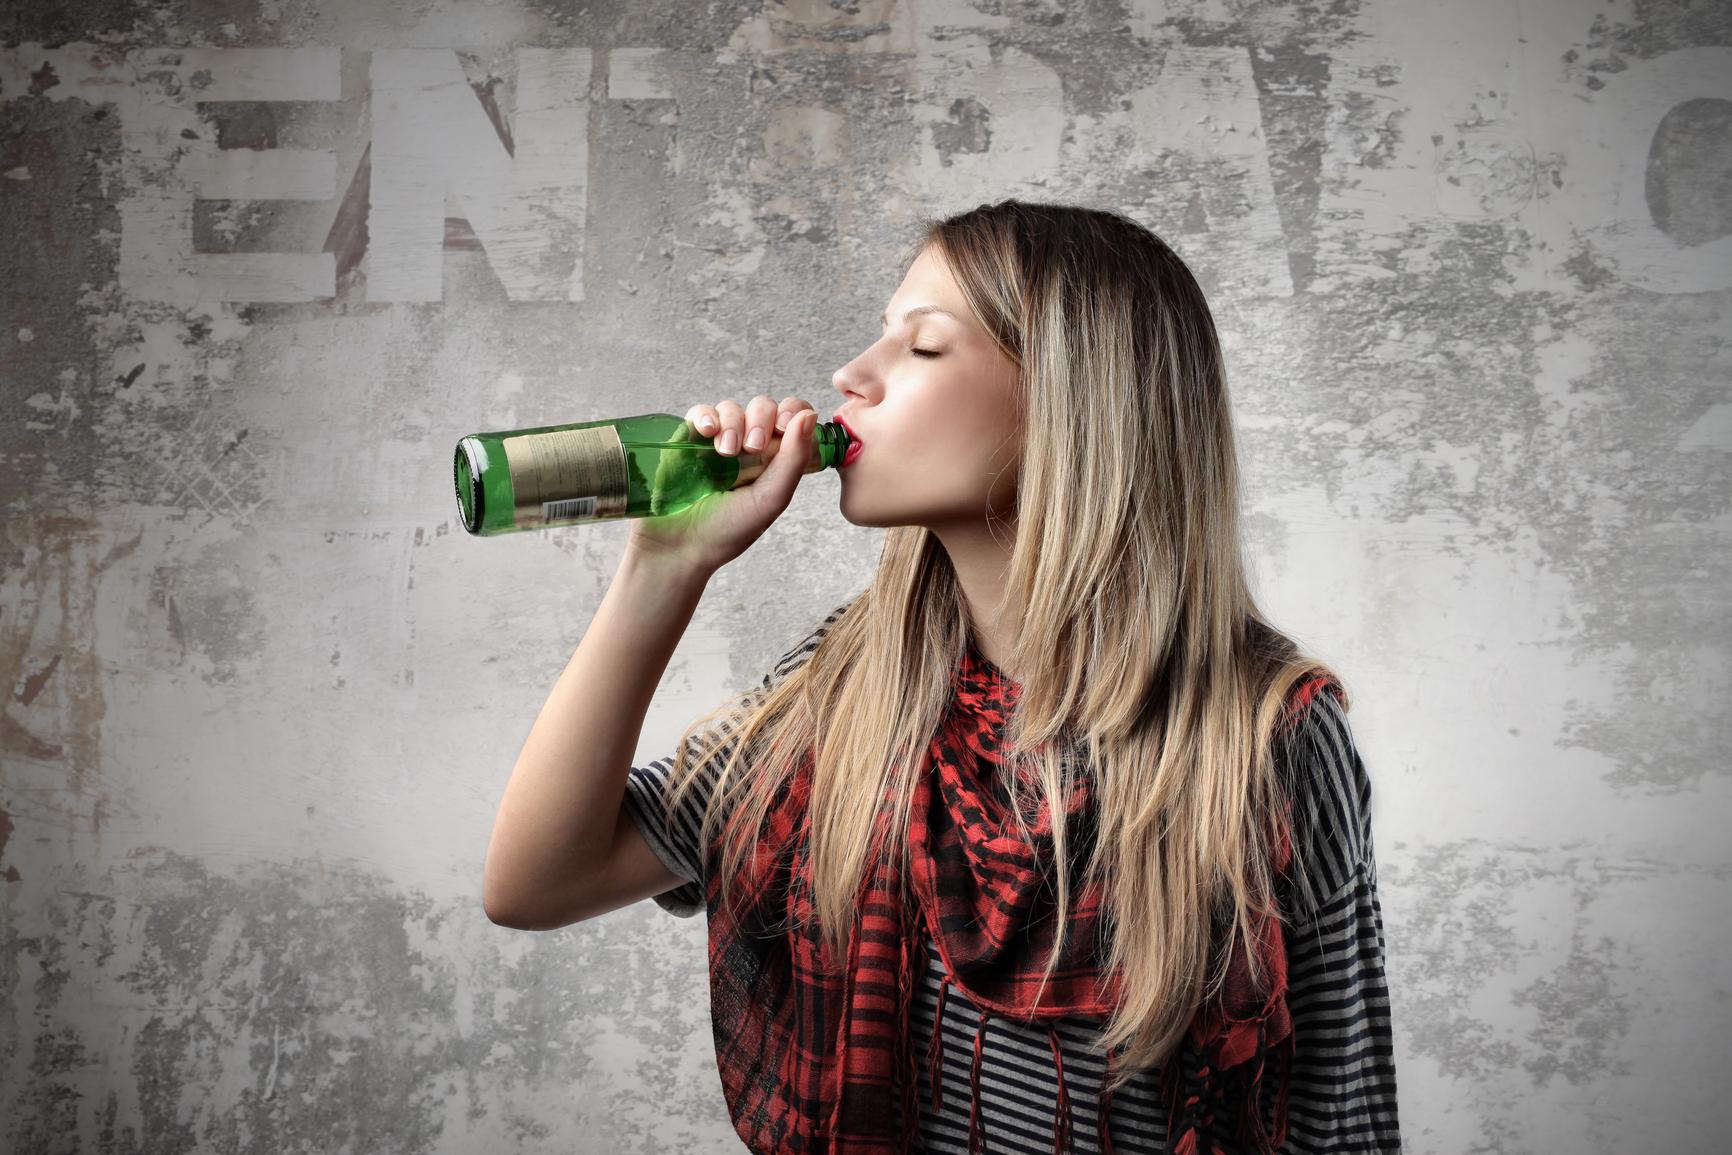 Какие лекарства надо от алкогольной зависимости